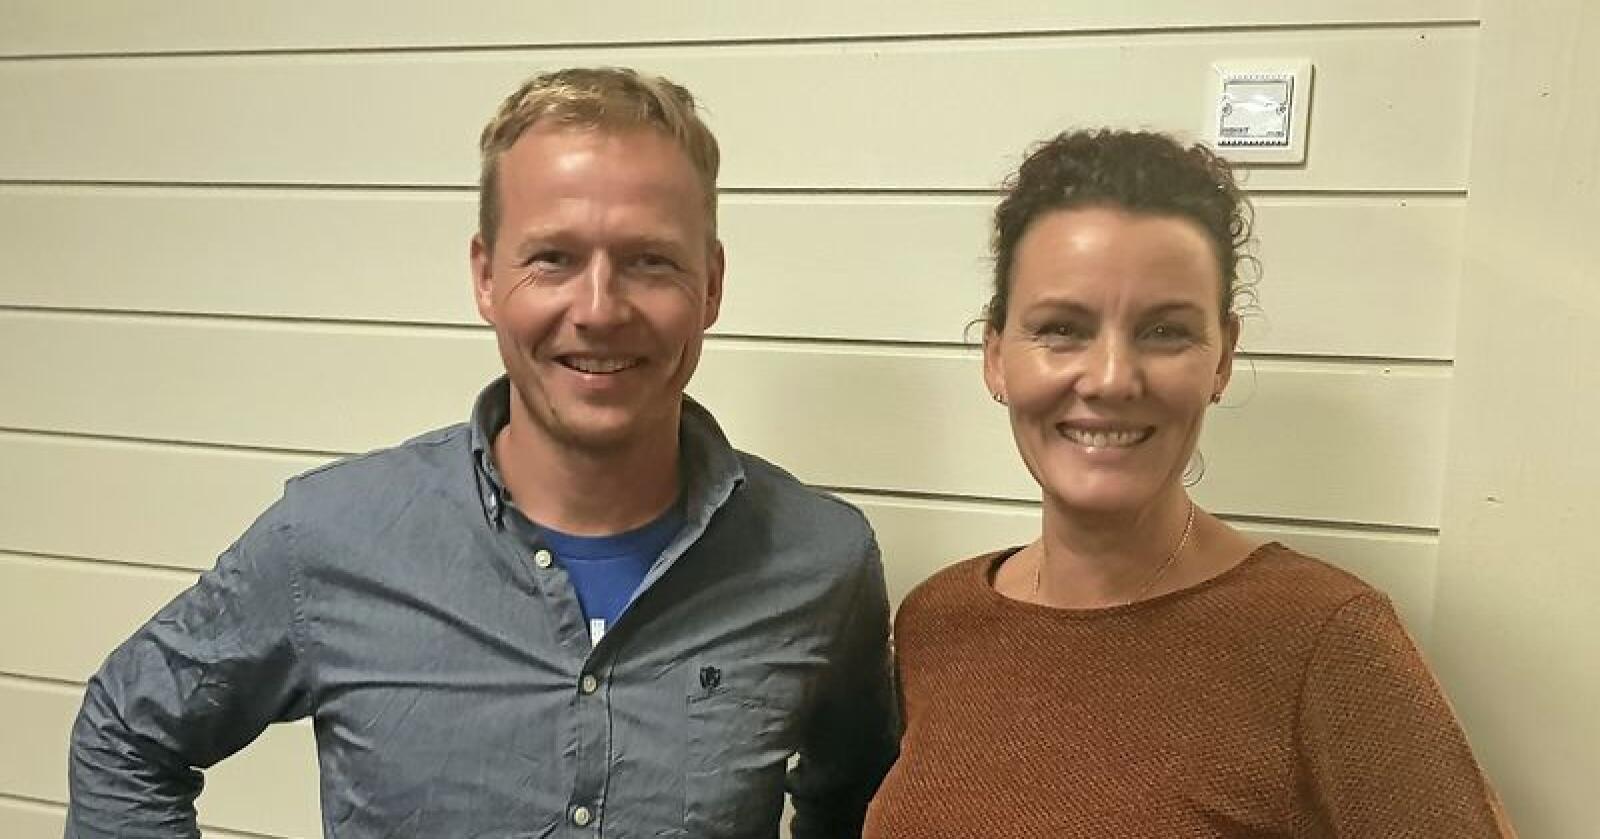 Varaordførar Terje Møkjåland (KrF) og ordførar Gro-Anita Mykjåland (Sp) gler seg til å styre Iveland kommune saman. Foto: Privat